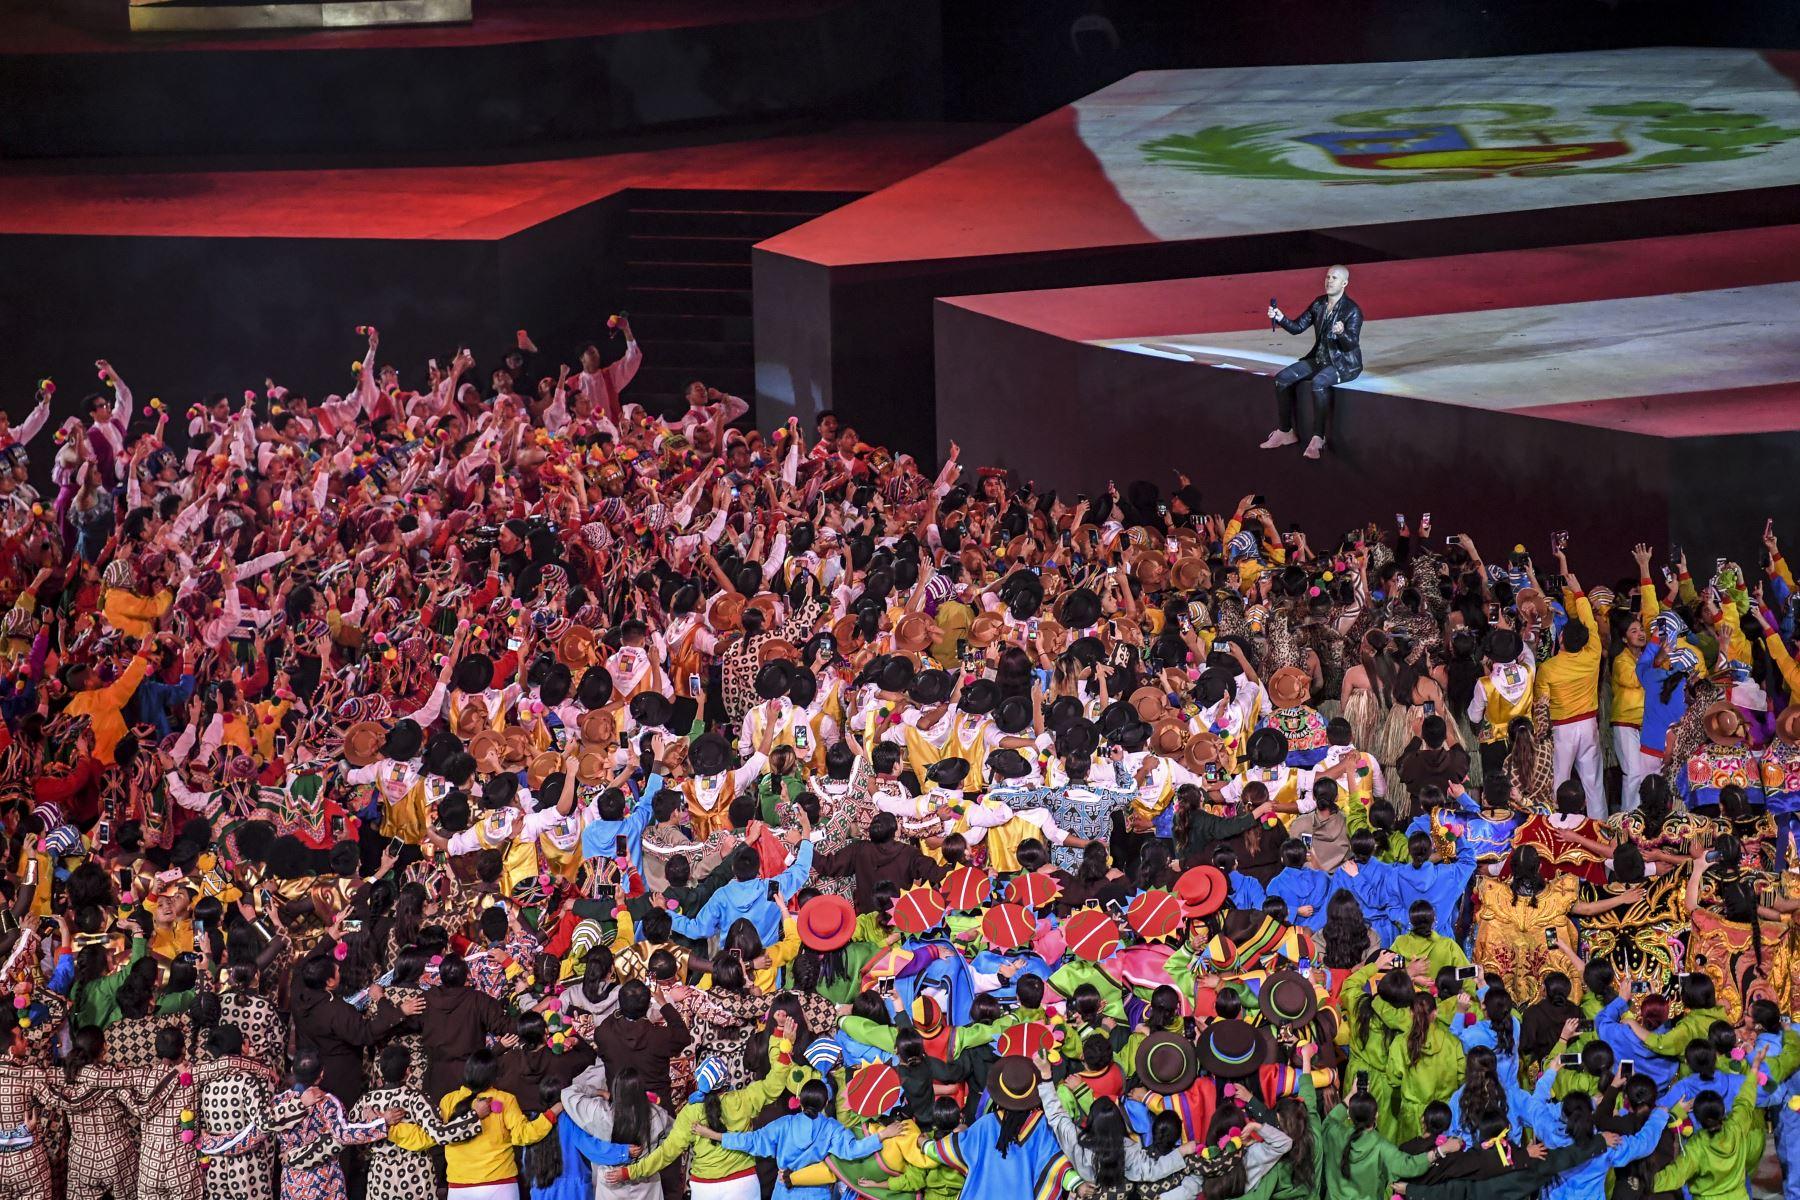 El cantautor peruano Gian Marco Zignago se presenta durante la ceremonia de clausura de los Juegos Panamericanos de Lima 2019 en Lima el 11 de agosto de 2019. AFP